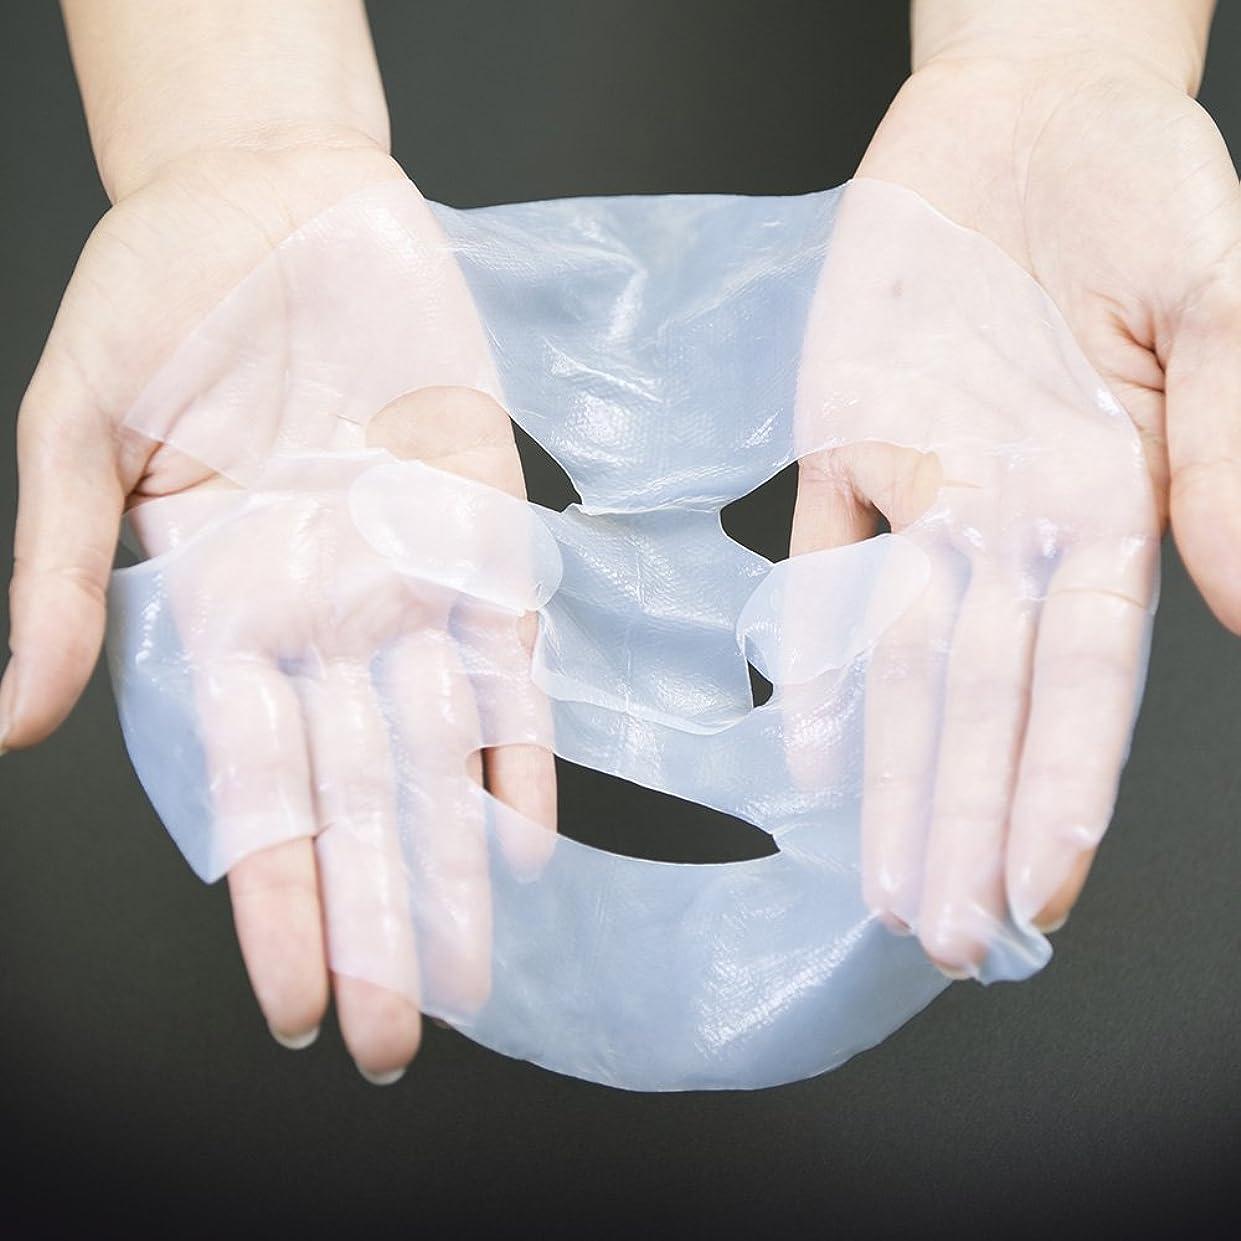 破壊ノイズ歯痛ヒト幹細胞化粧品 ディアガイア フェイスパック 5枚セット